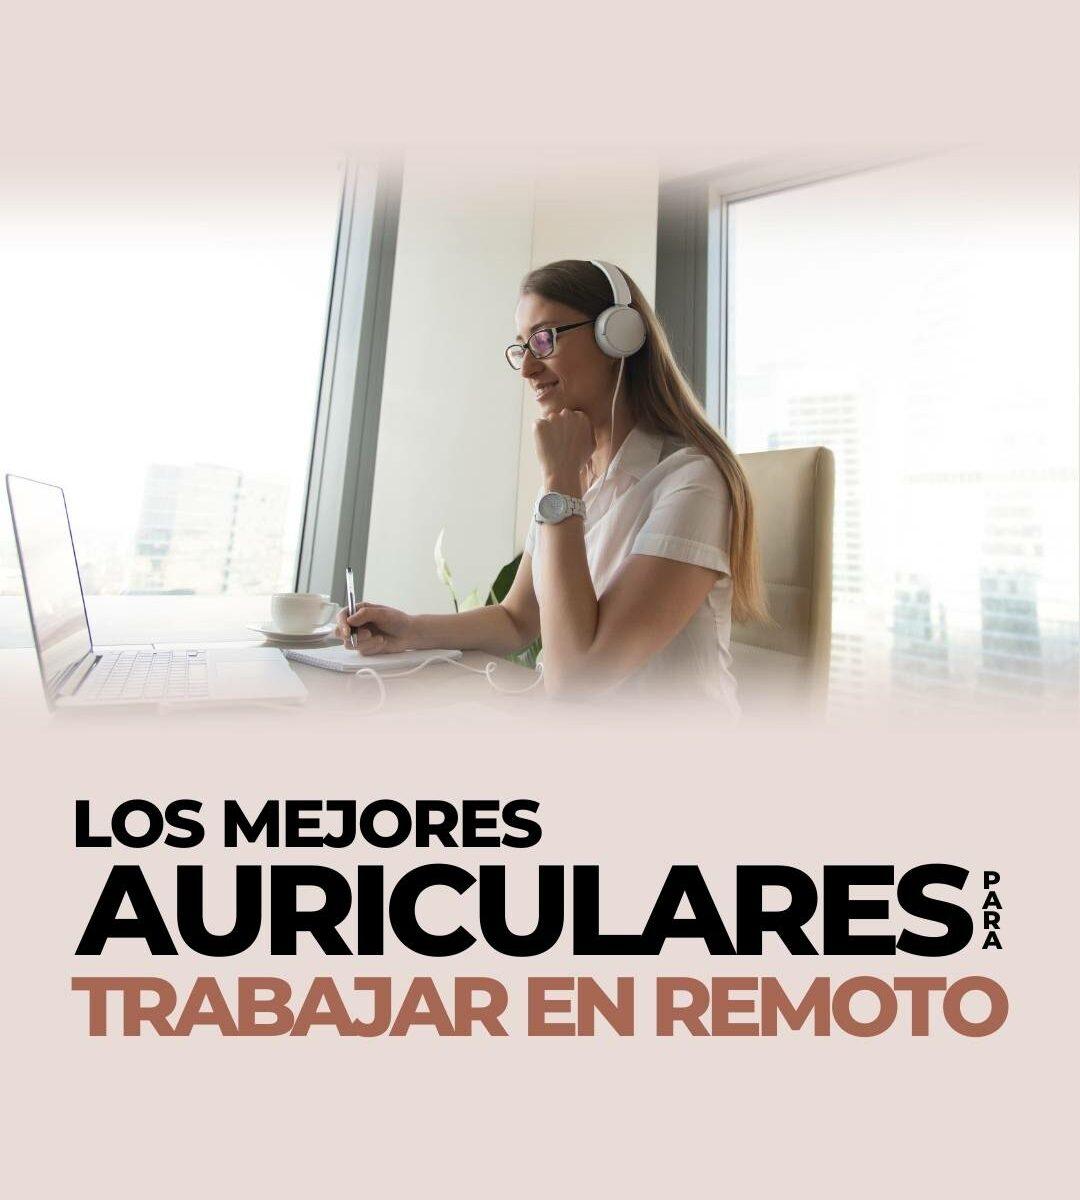 LOS MEJORES AURICULARES PARA TRABAJAR EN REMOTO